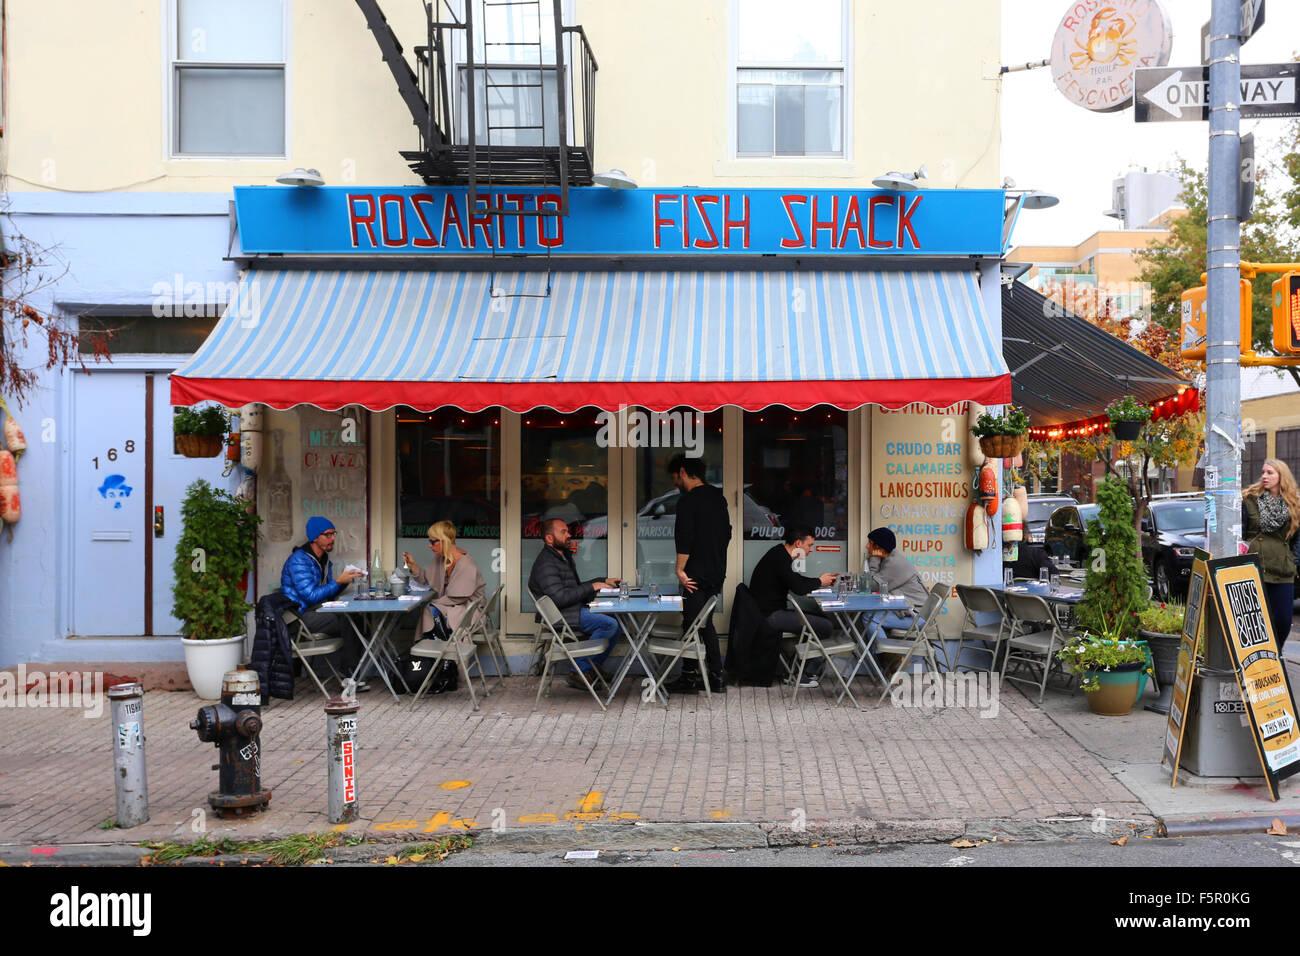 Rosarito Fish Shack 168 Wythe Ave Brooklyn Ny Stock